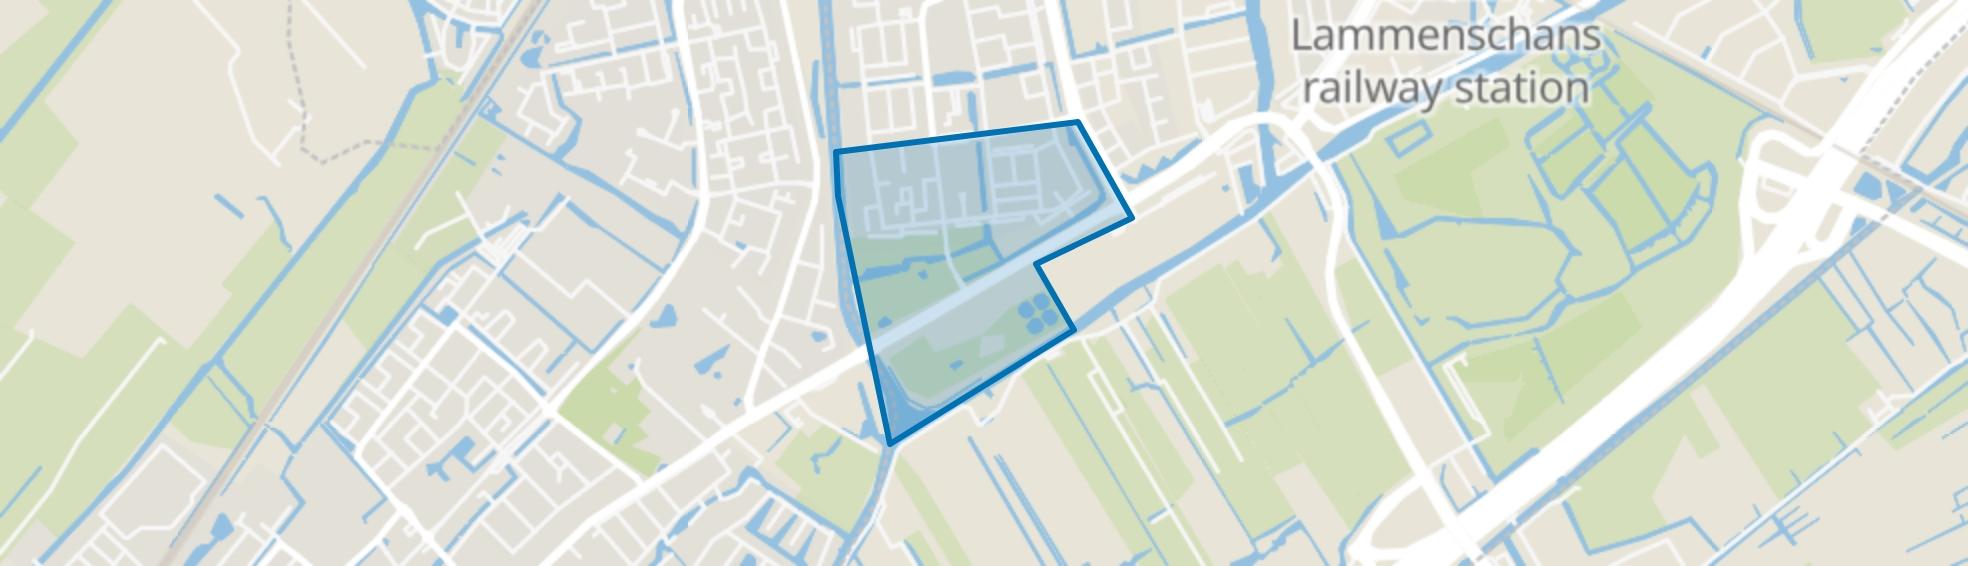 Fortuinwijk-Zuid, Leiden map